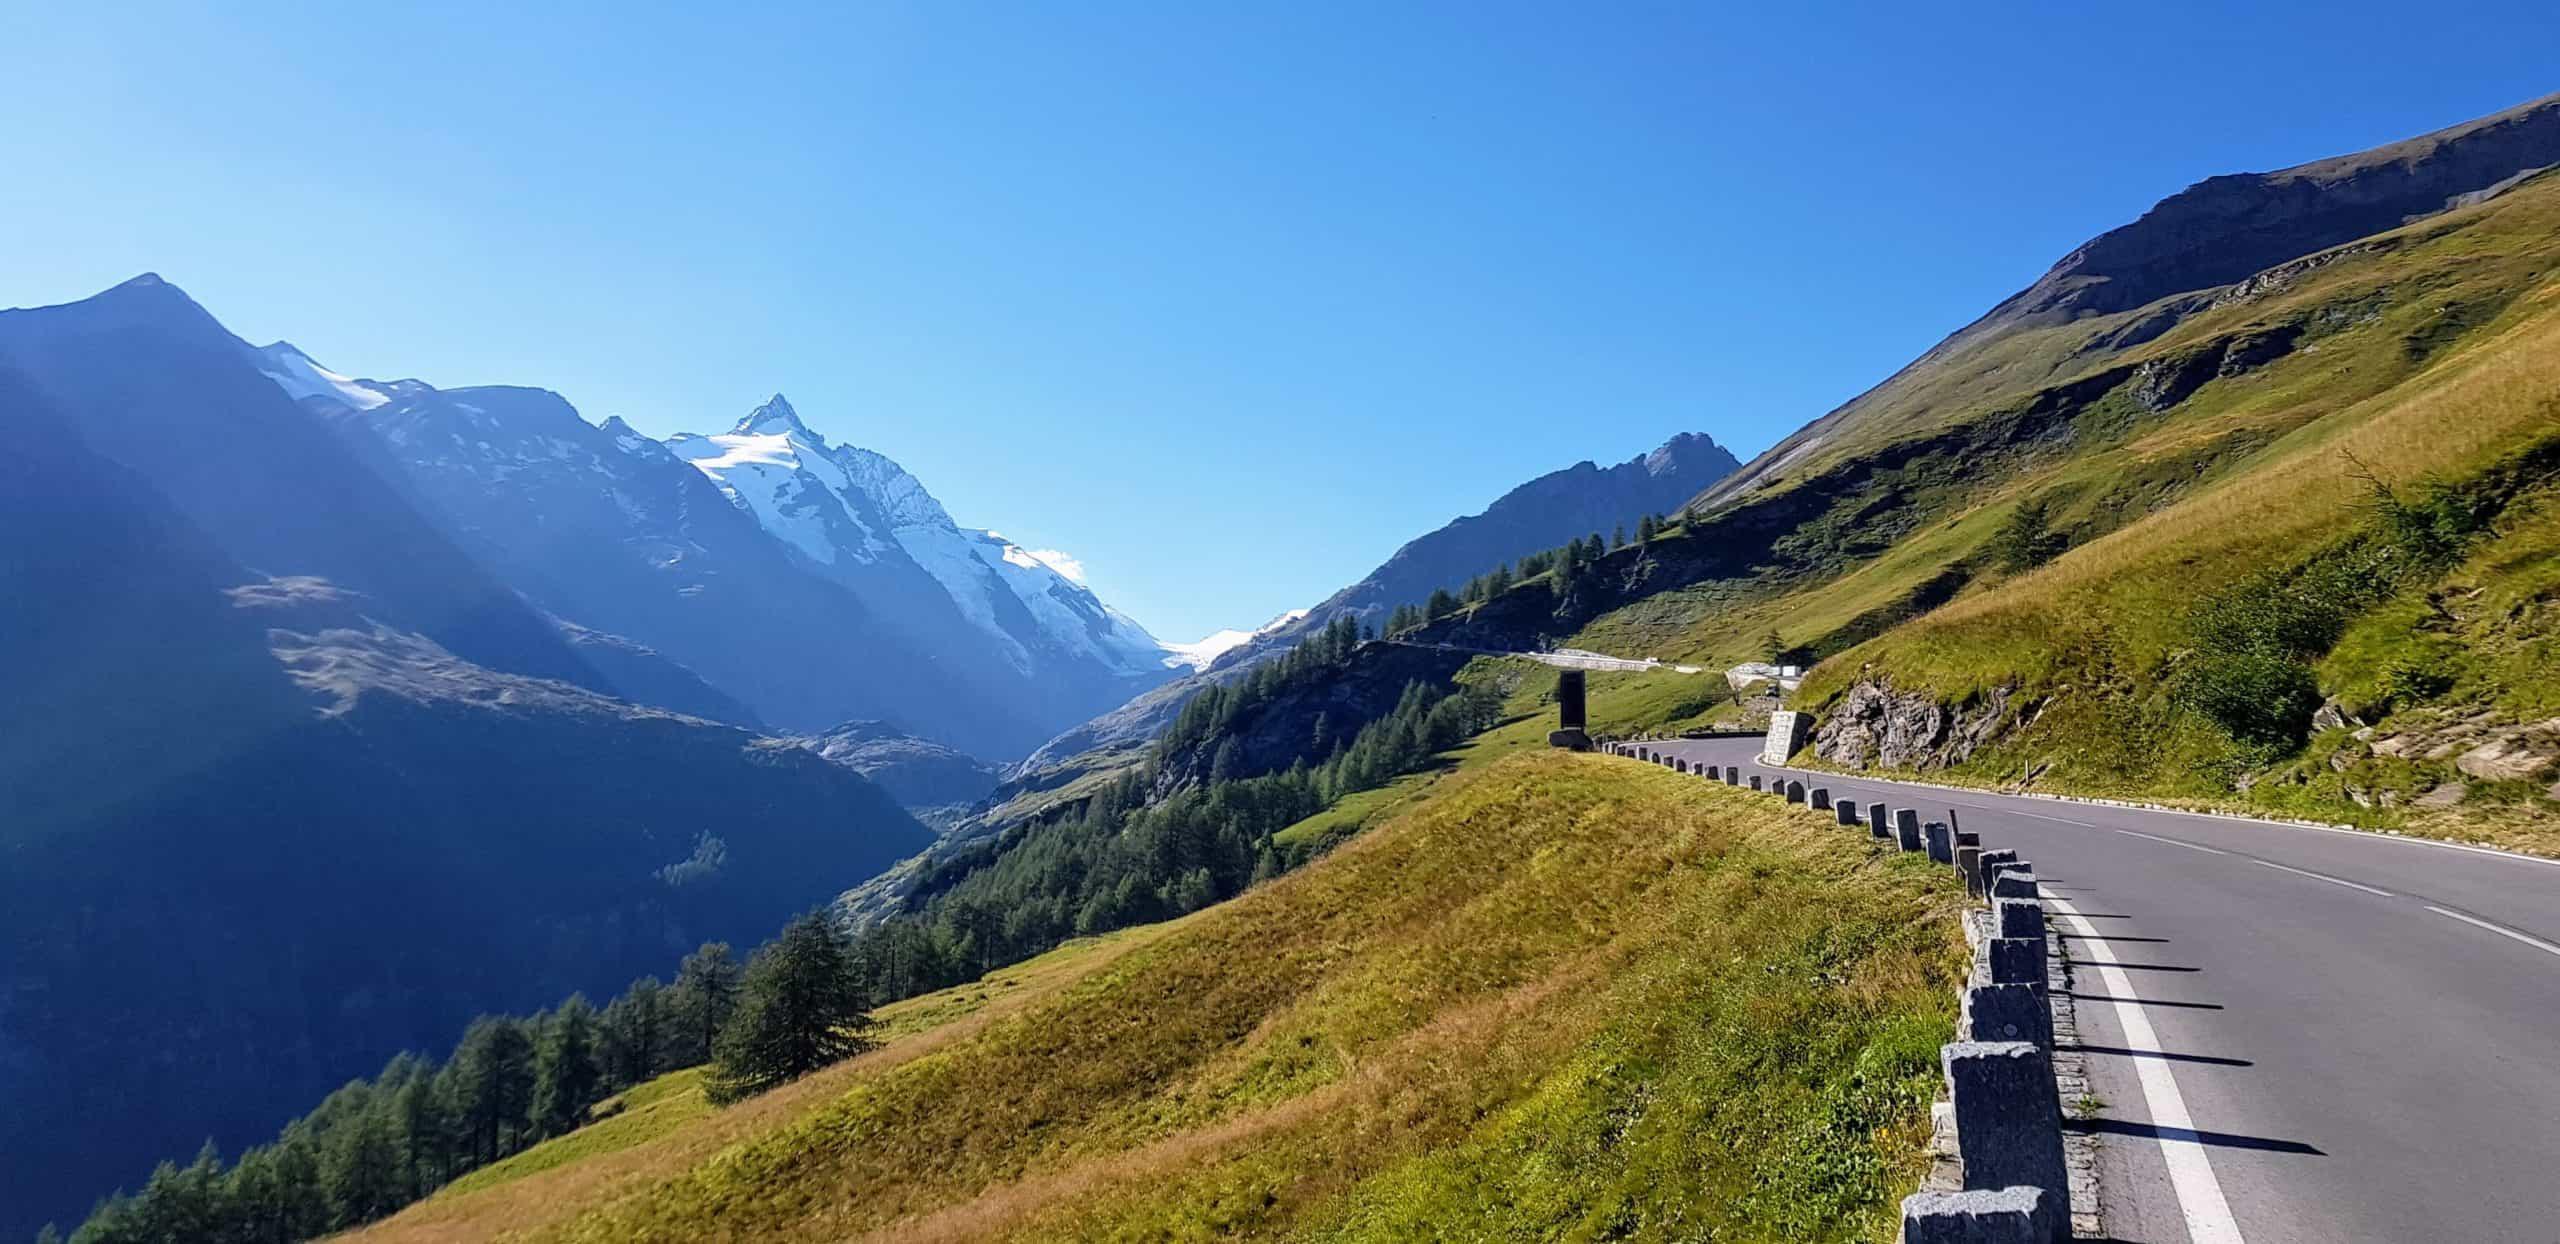 Der Großglockner im Nationalpark Hohe Tauern in Österreich mit Hochalpenstraße bei Auffahrt auf die Kaiser Franz Josefs Höhe in Kärnten